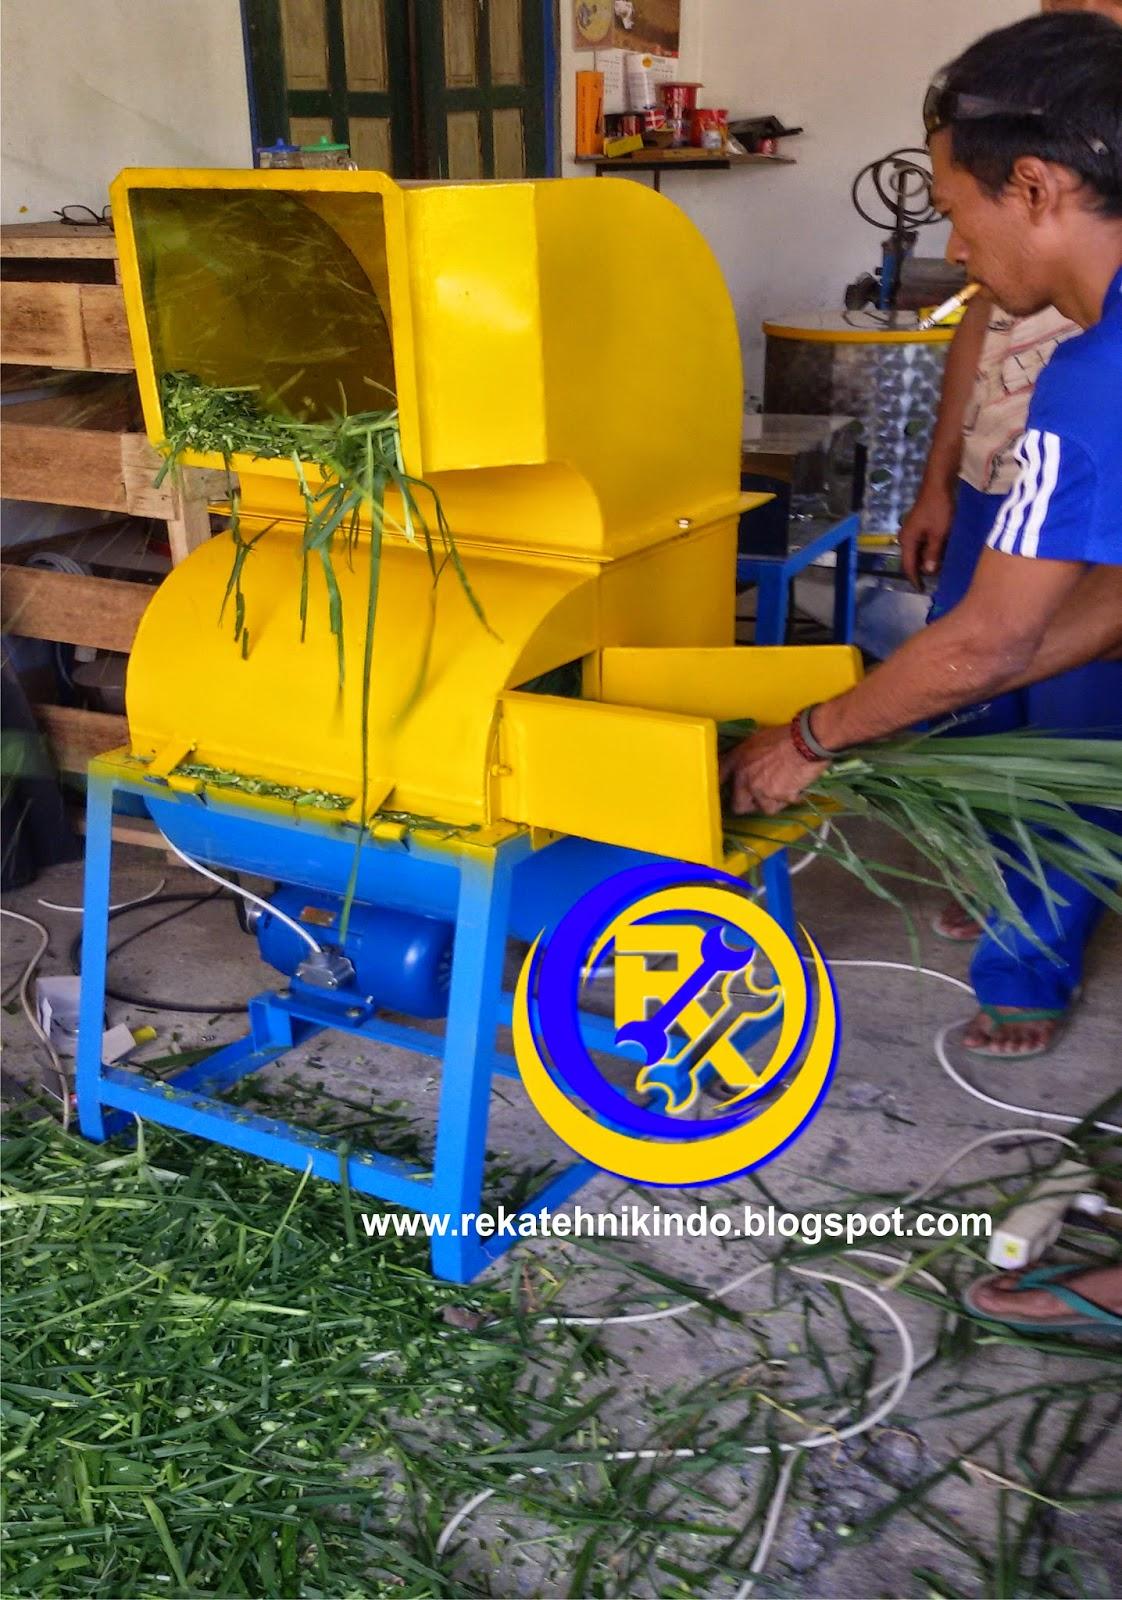 Rekatehnikindo Mesin Penghancur Rumput Pakan Ternak Sapi Dan Kambing